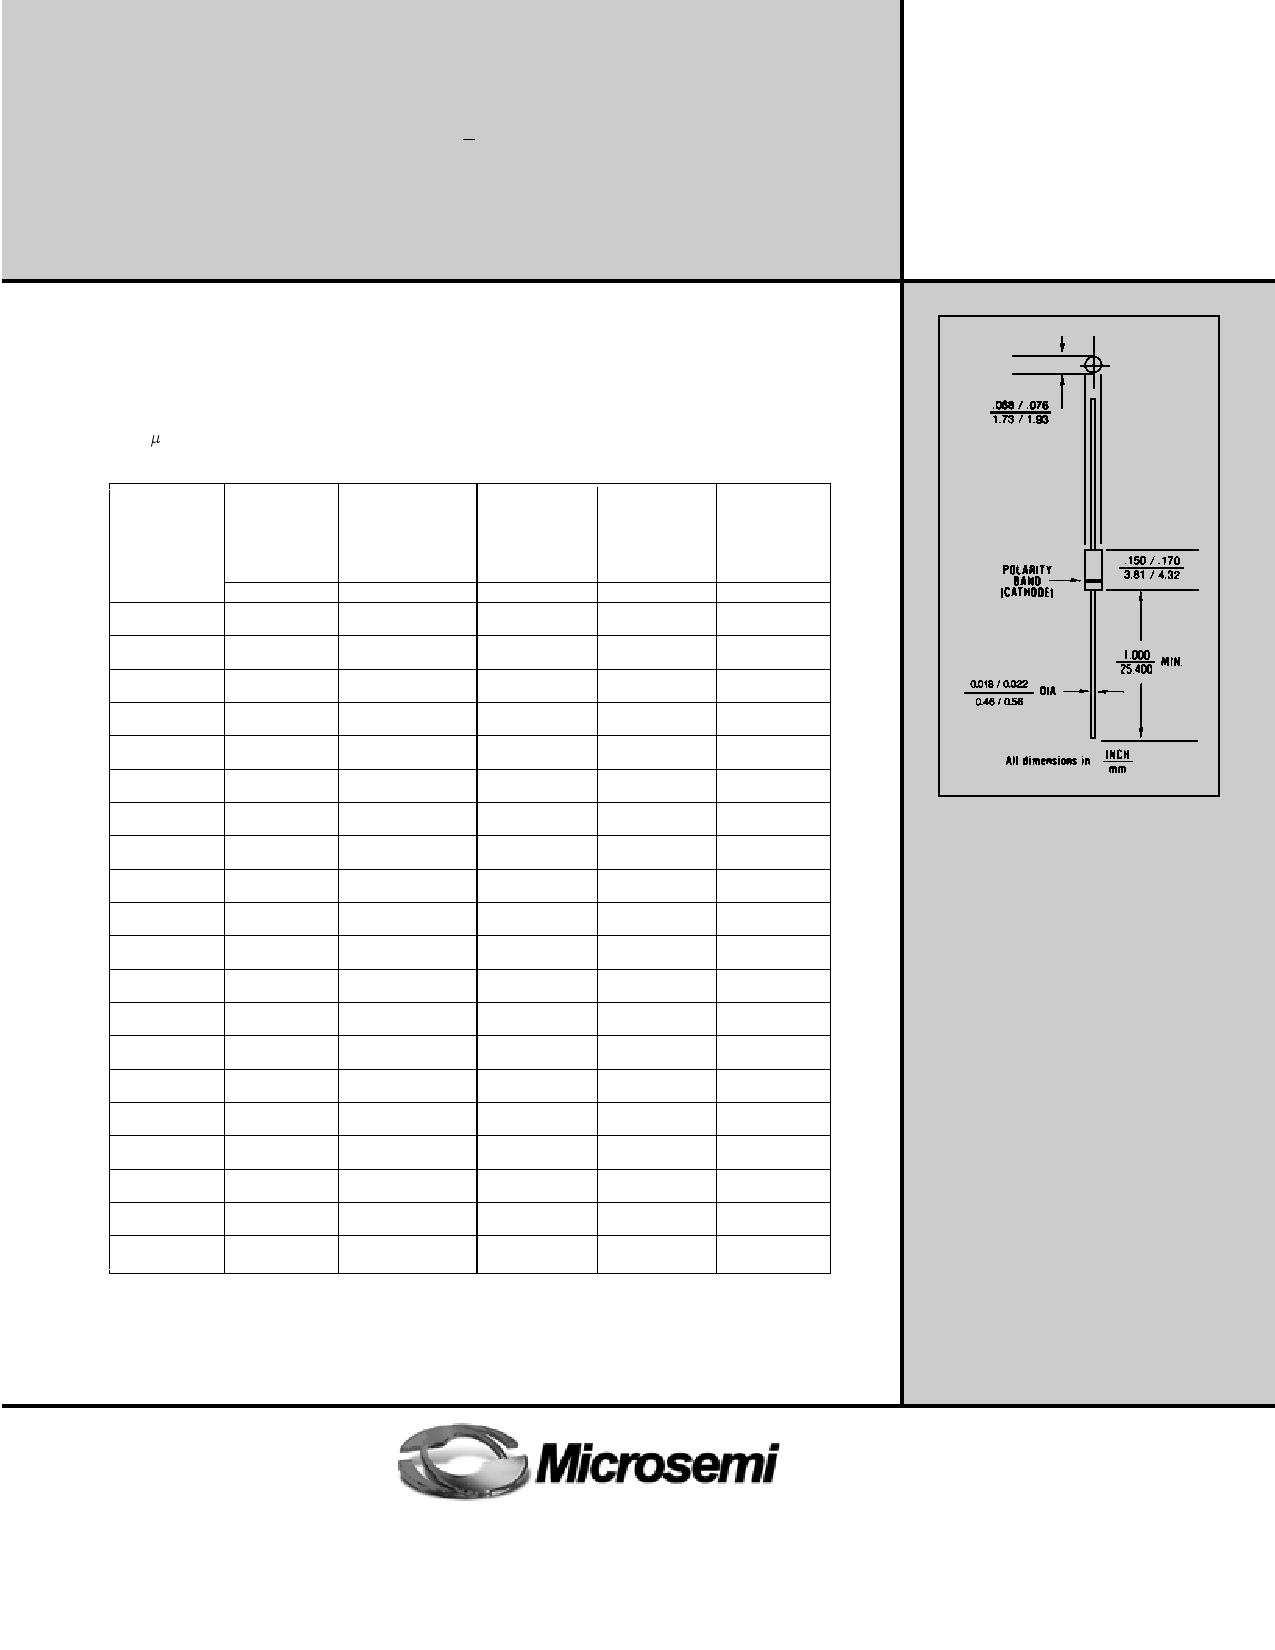 1N4582A-1 datasheet